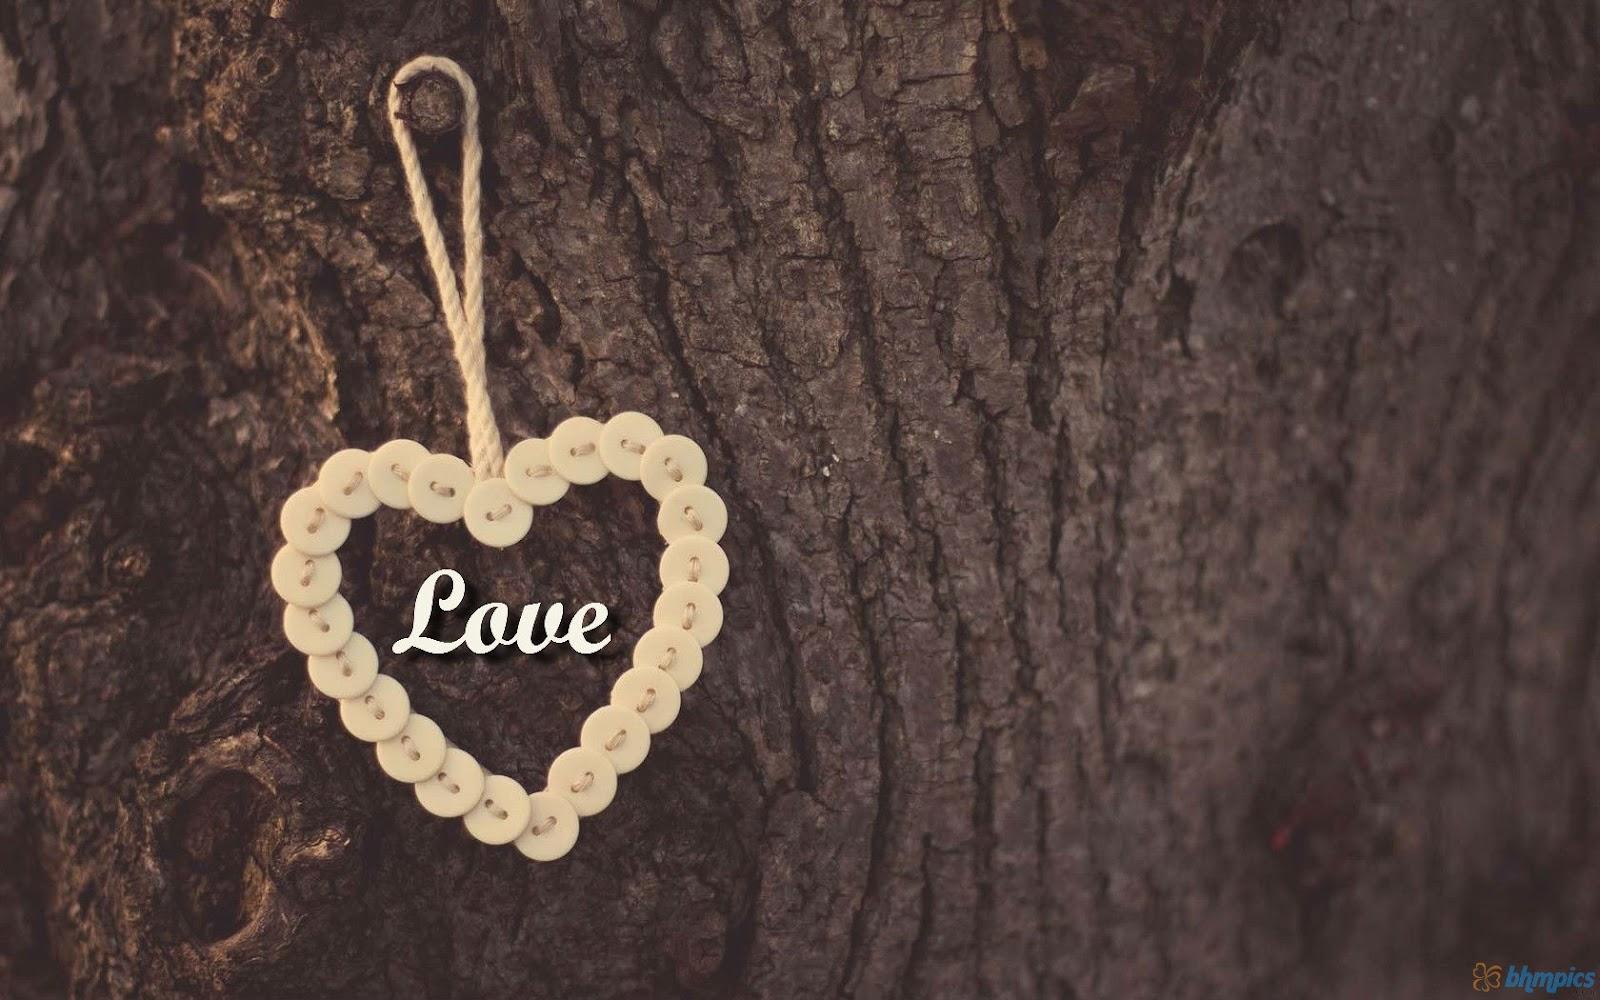 http://4.bp.blogspot.com/-iKQ5NfjuOxY/UGGfIYlrUUI/AAAAAAAAEdM/ey6tOBNNQPo/s1600/buttons_heart-1680x1050.jpg